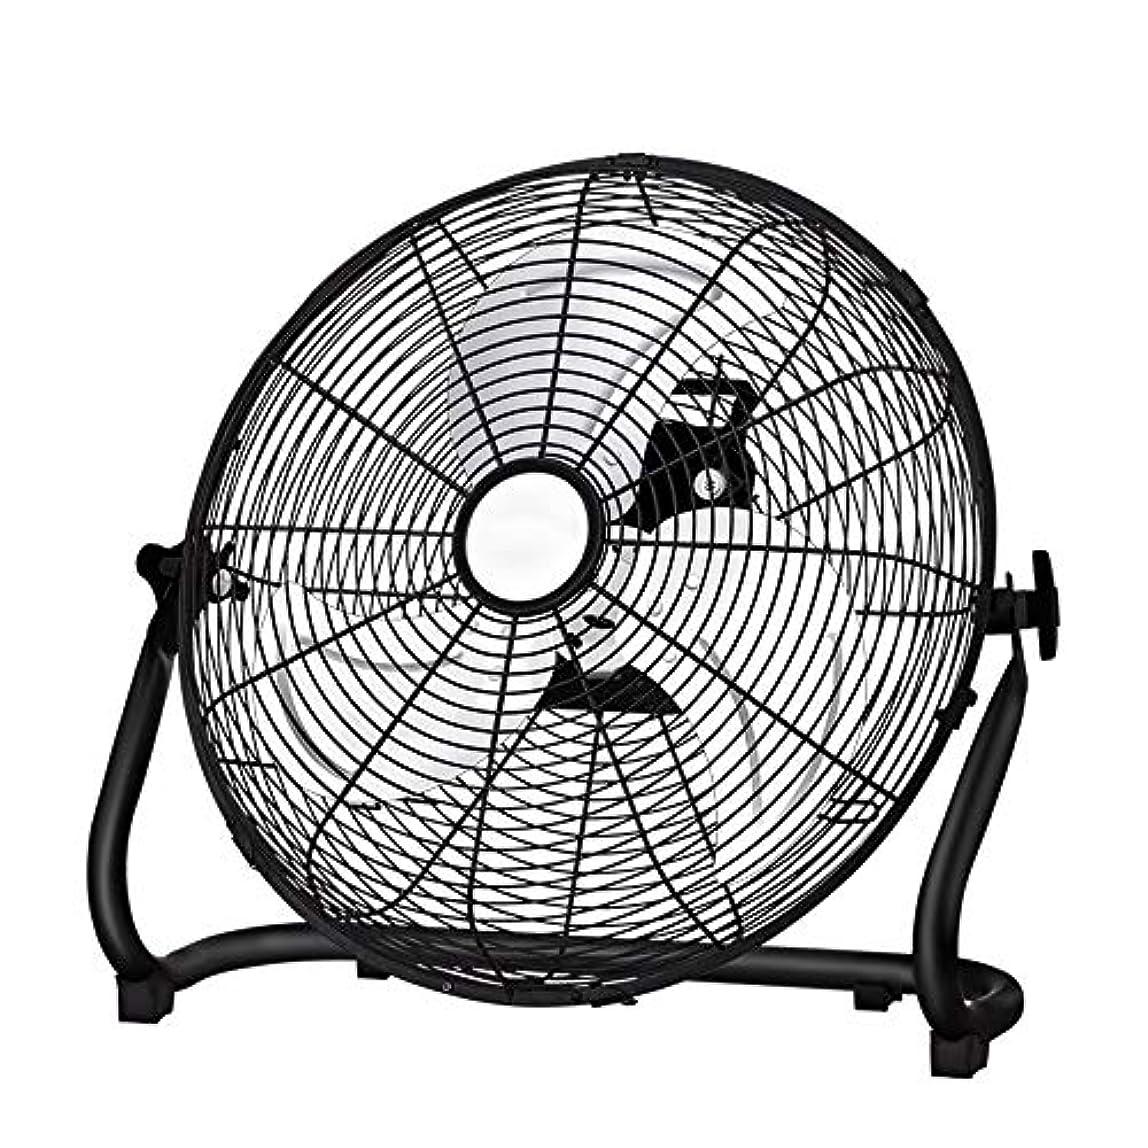 役職俳句バースHAIZHEN 床ファン、内務省のガレージのための130°調節可能な角度の3つの速度の頑丈で小さい産業ファン (Size : 14inch)